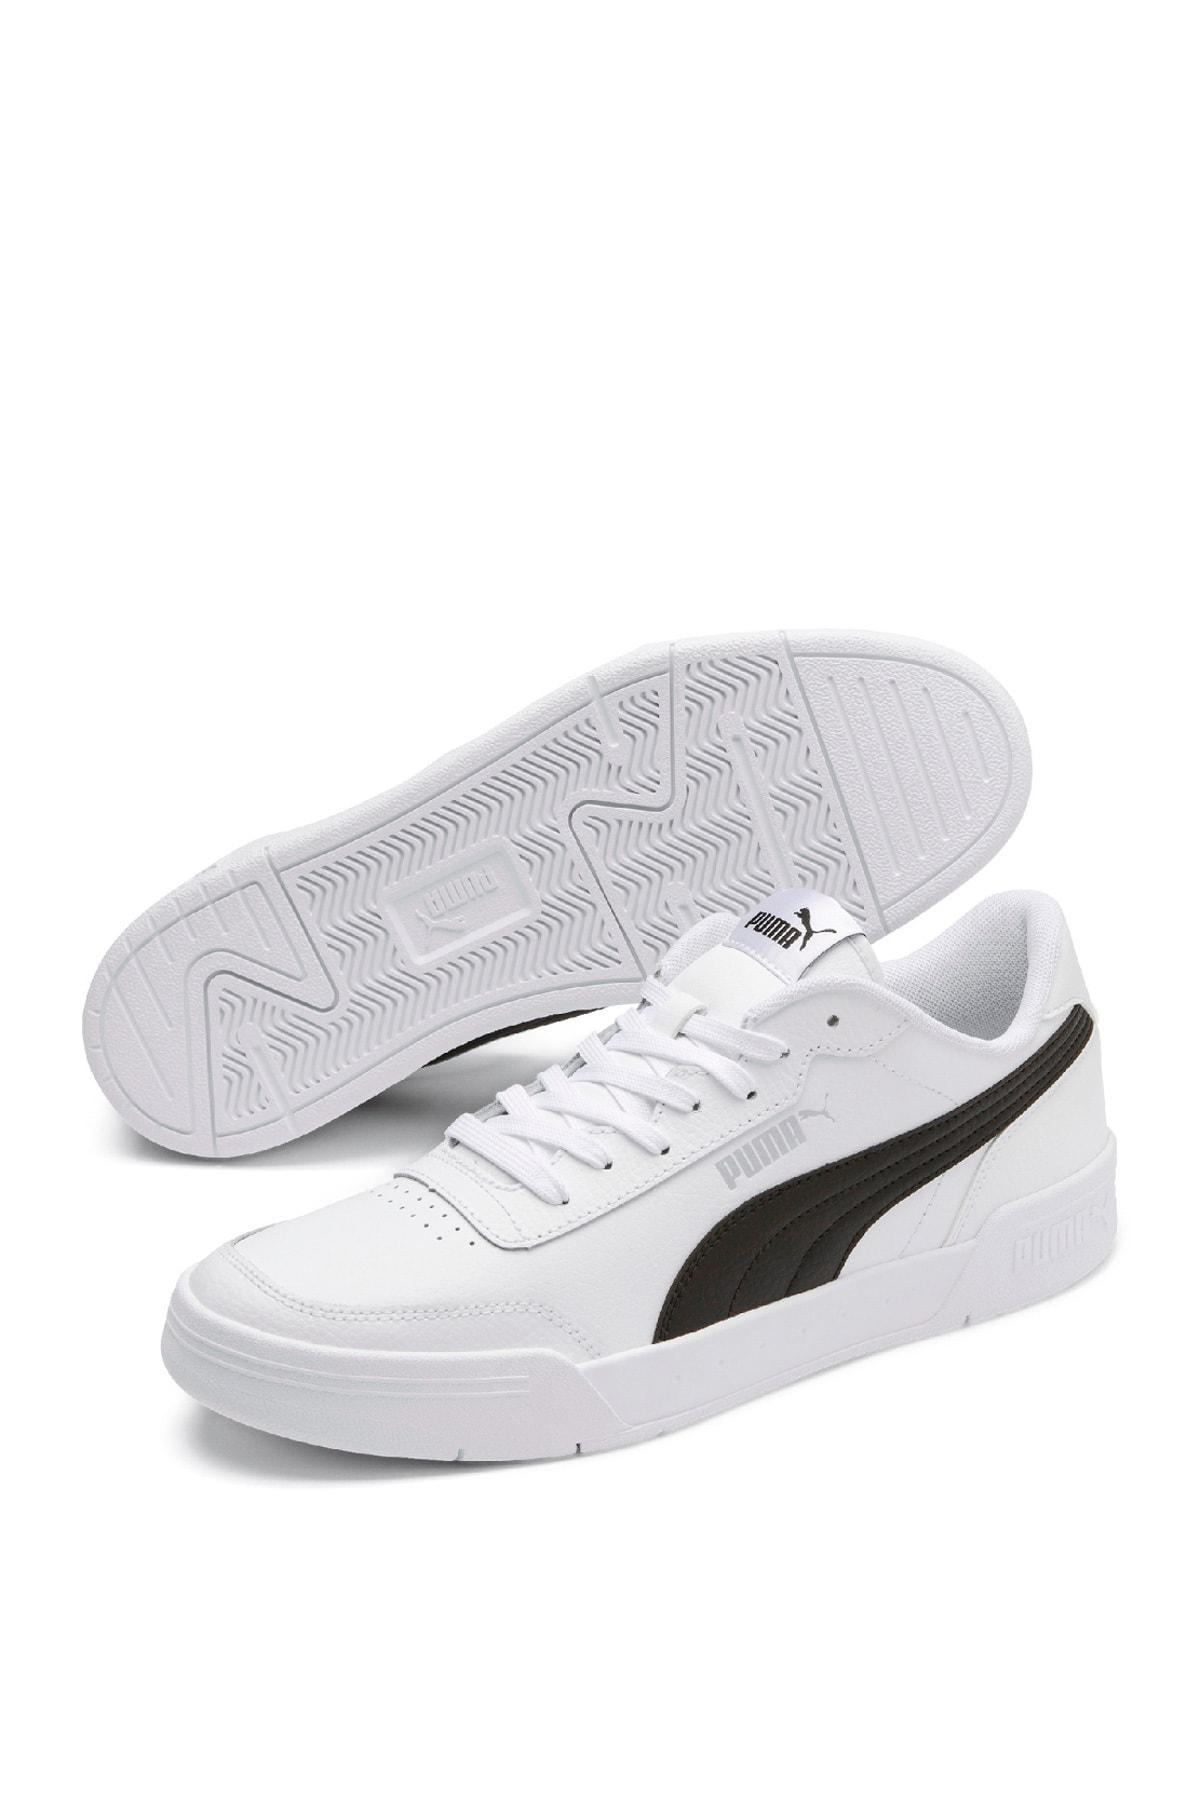 Puma CARACAL Beyaz Erkek Sneaker Ayakkabı 100480292 1